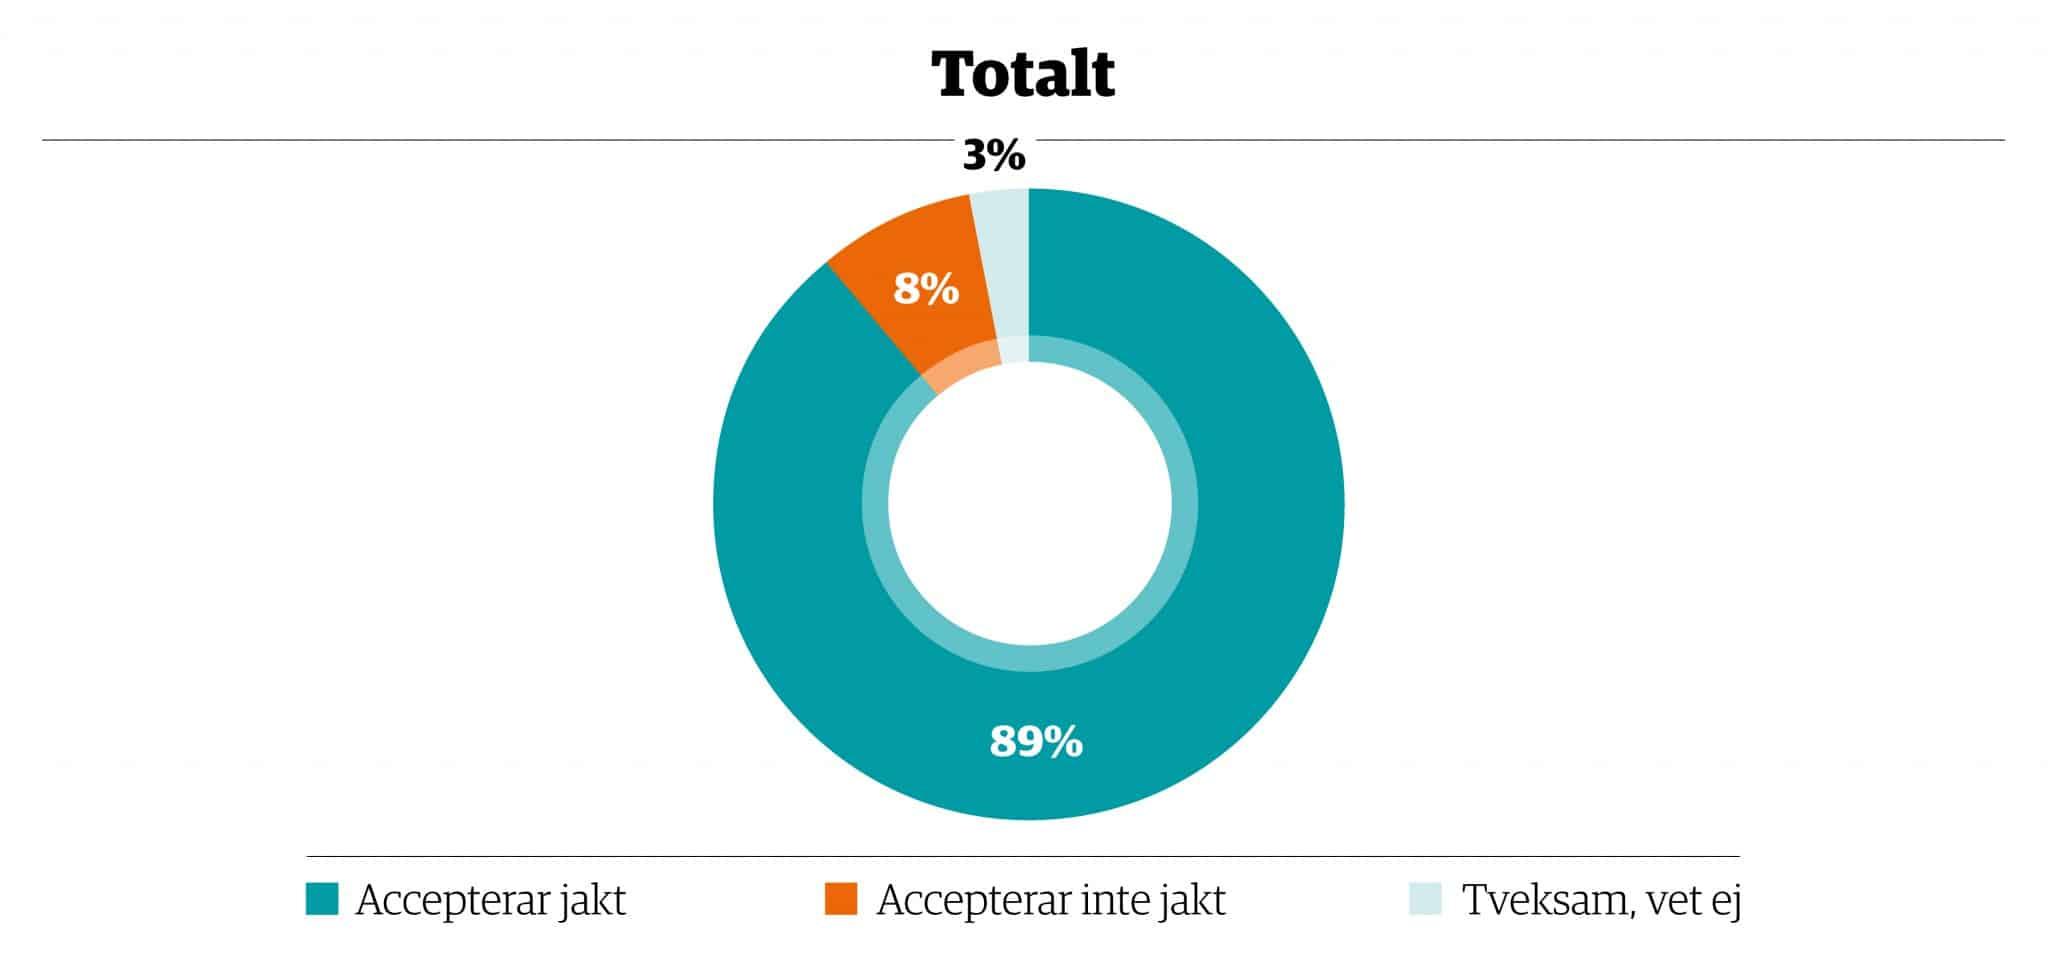 89 procent av de tillfrågade accepterar jakt. Grafik: Elin Brander